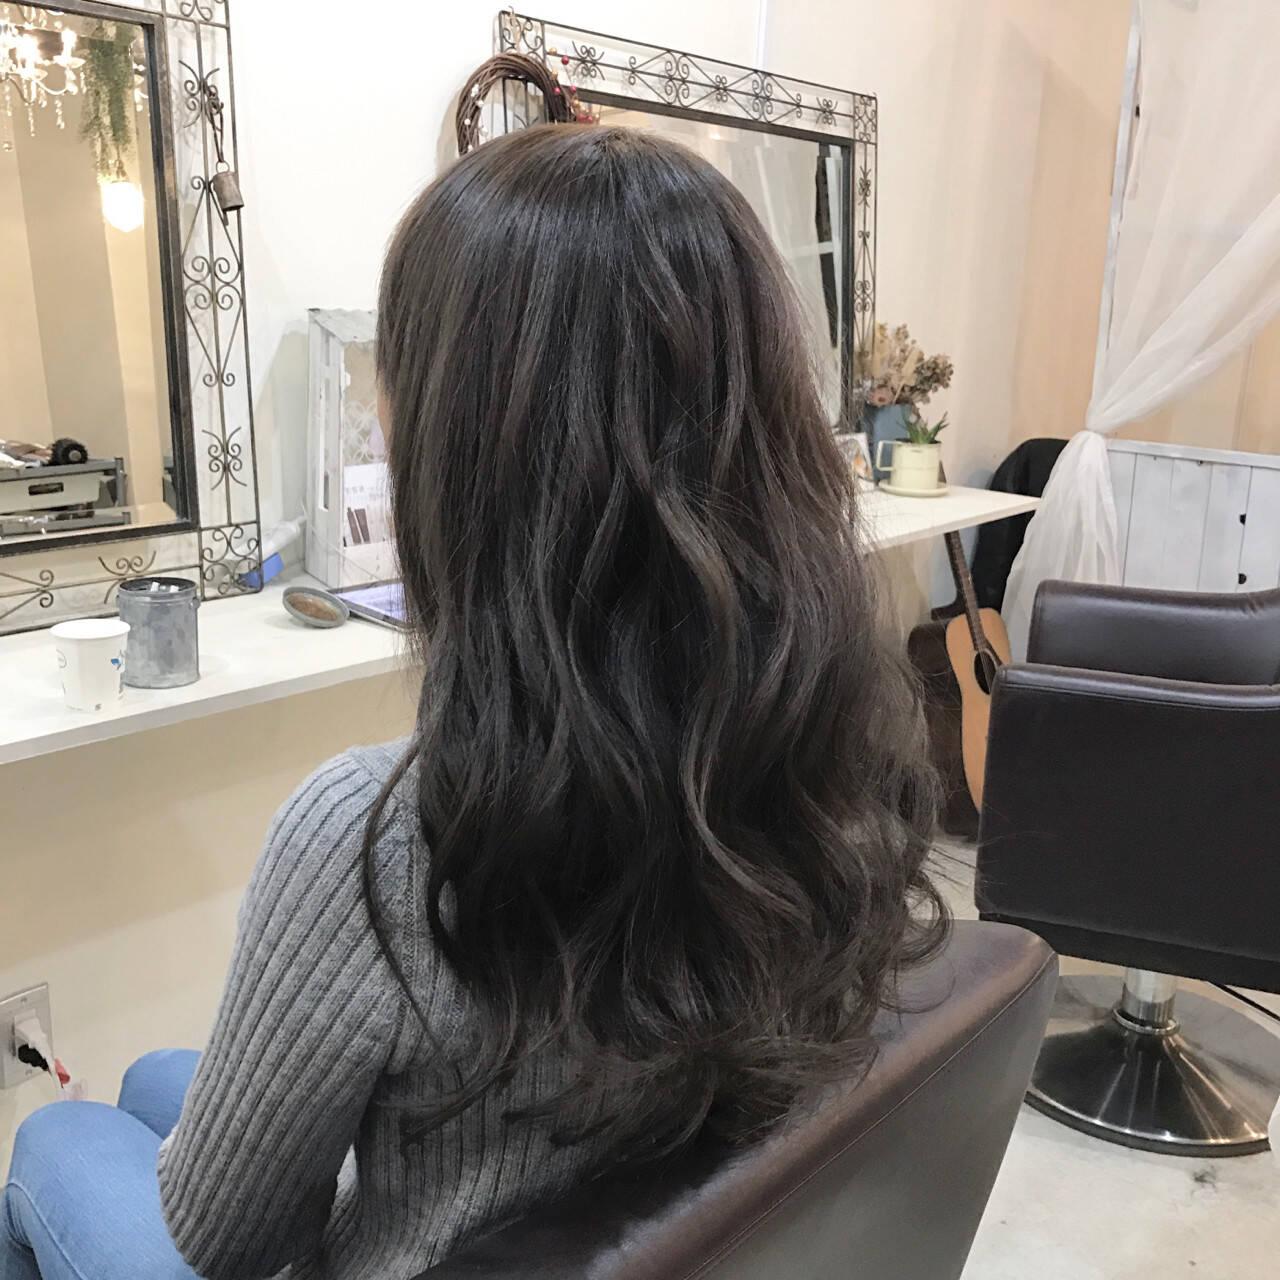 ロング アッシュグレージュ 巻き髪 アッシュヘアスタイルや髪型の写真・画像